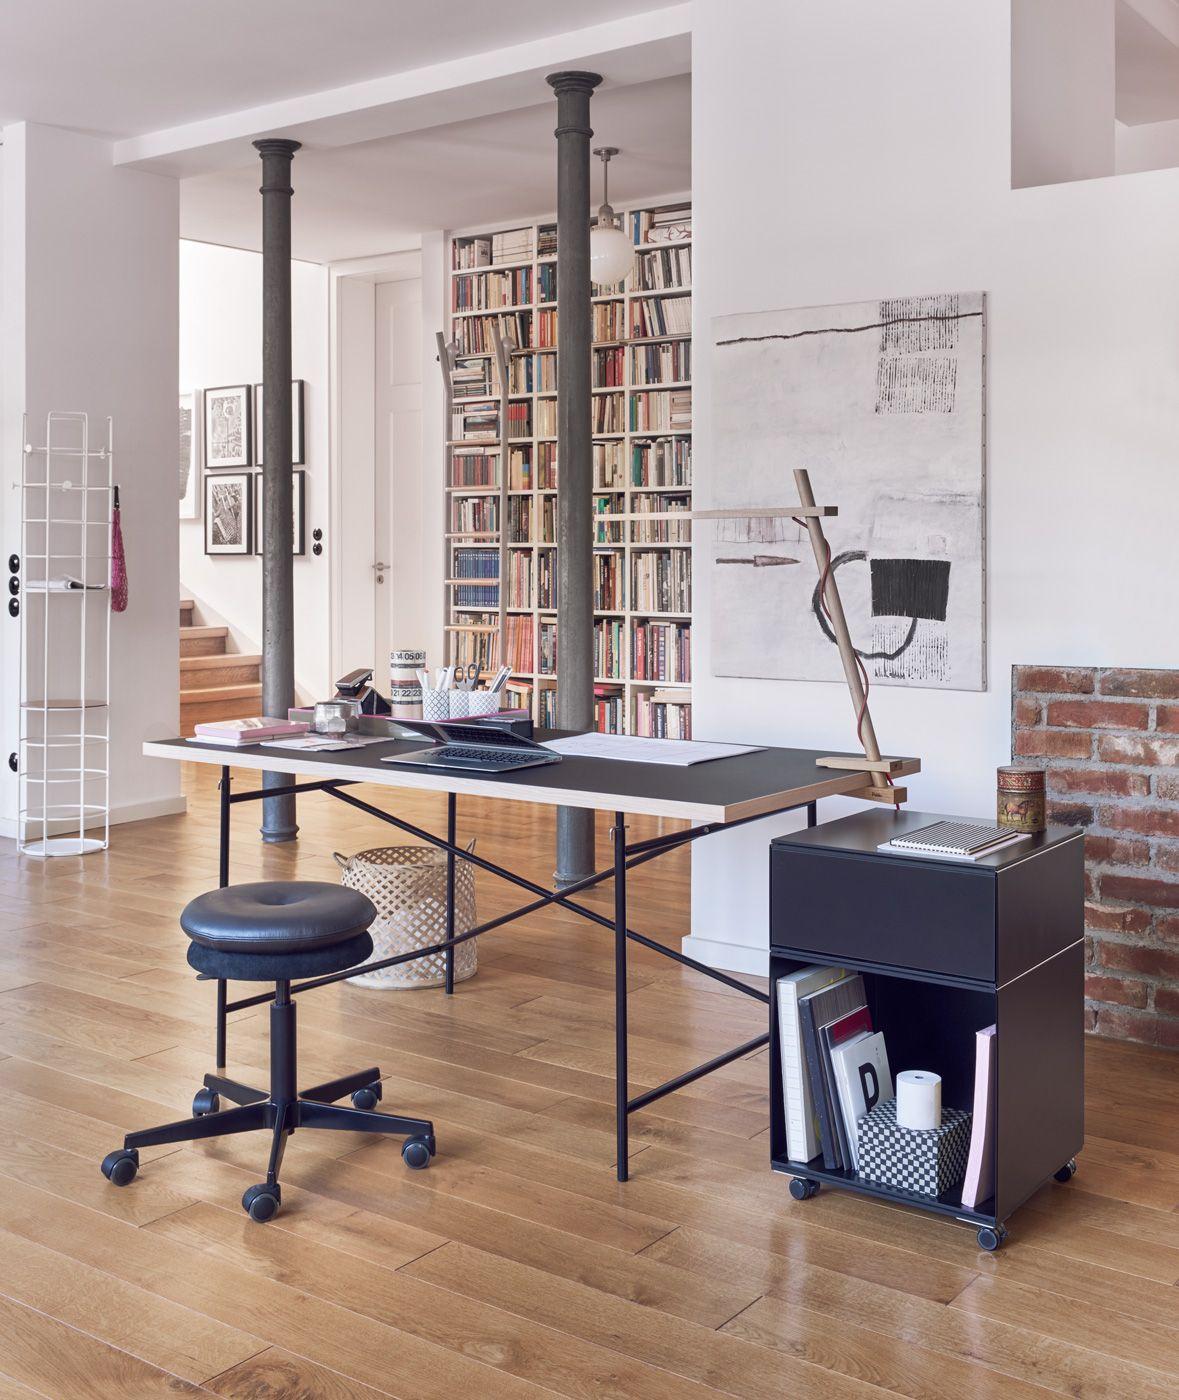 egon eiermann tisch aus dem jahr 1953 von richard lampert furniture pinterest egon. Black Bedroom Furniture Sets. Home Design Ideas